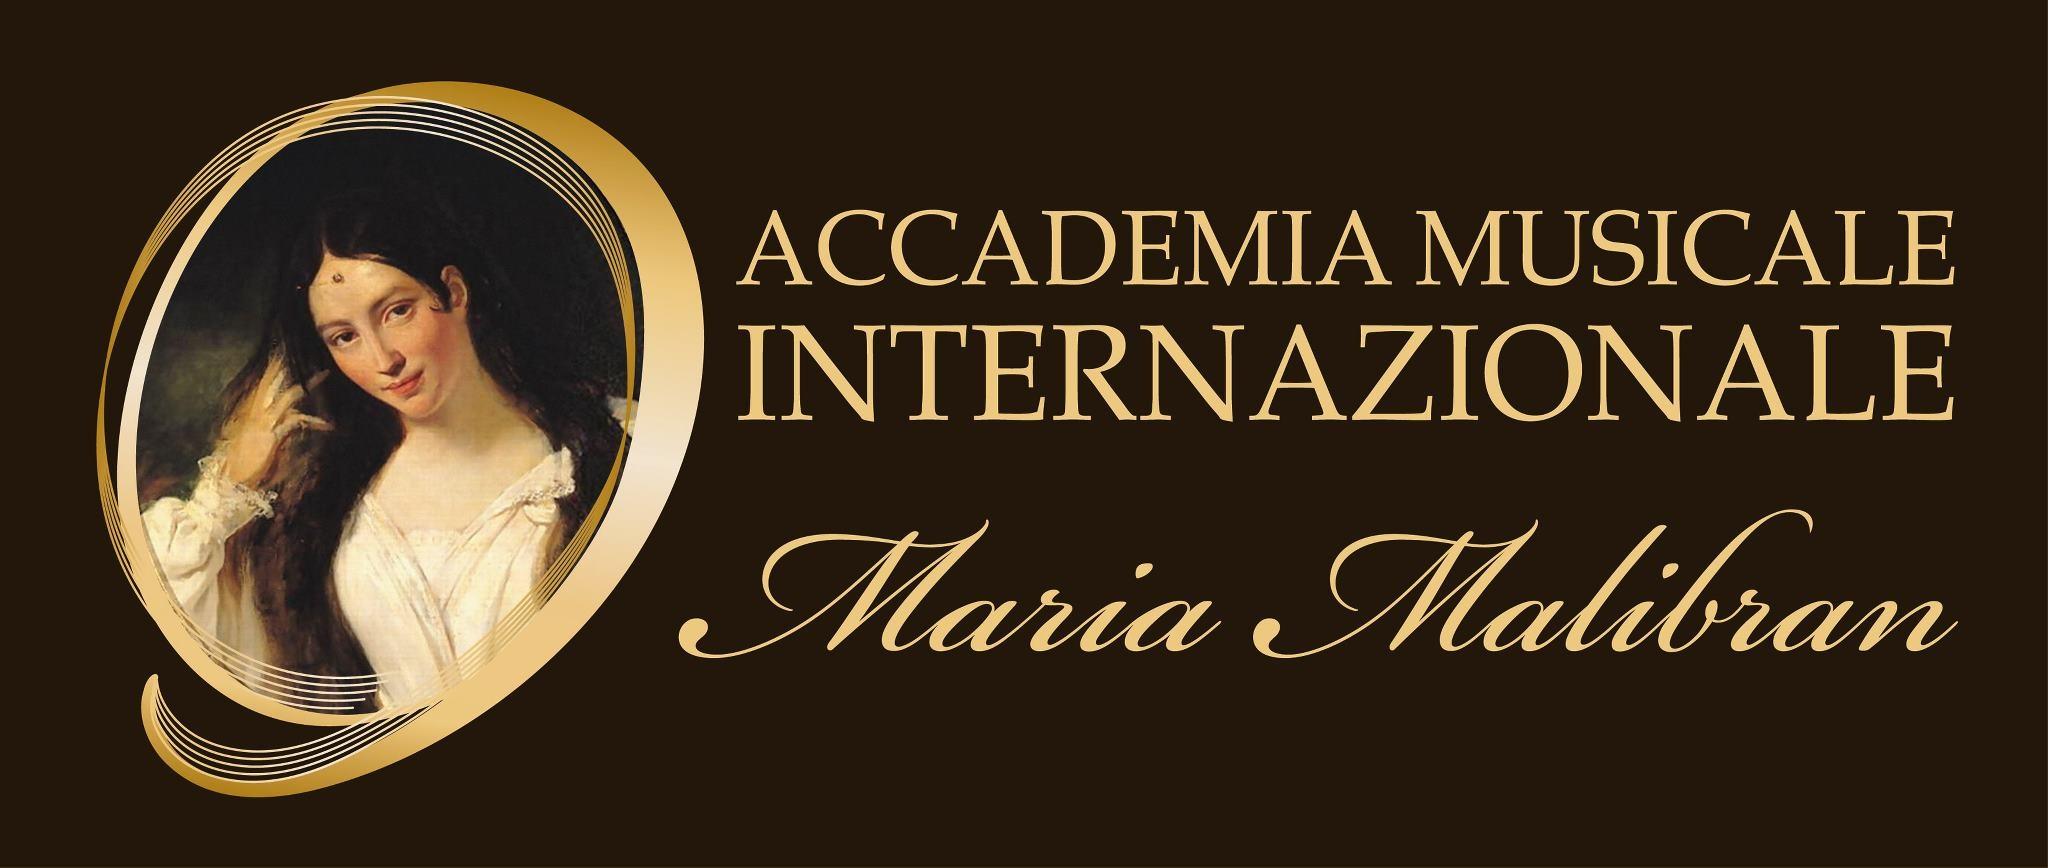 Le International Master Classes dell'Accademia Malibran